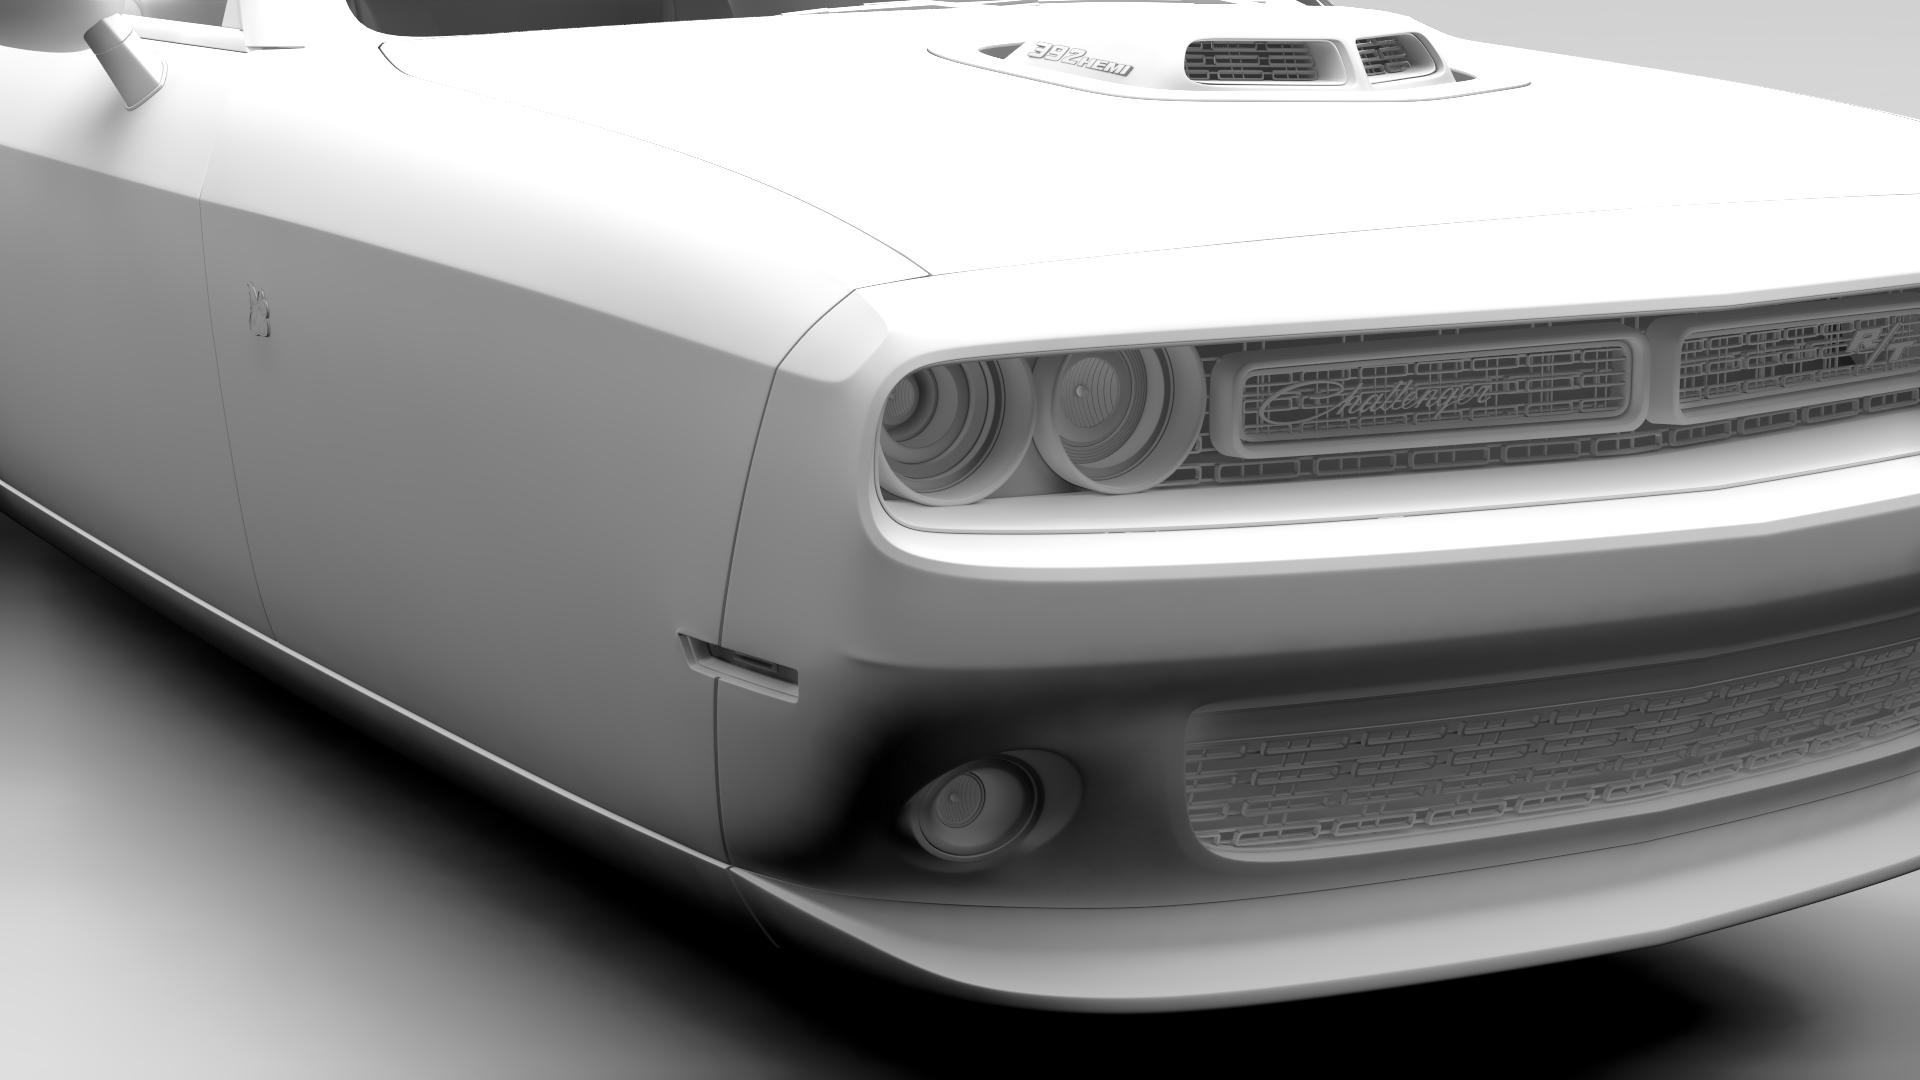 Dodge Challenger 392 shaker (lc) 2016 yn hedfan model 3d 3ds max fbx c4d ar gyfer yr hrc xsi obj 220611